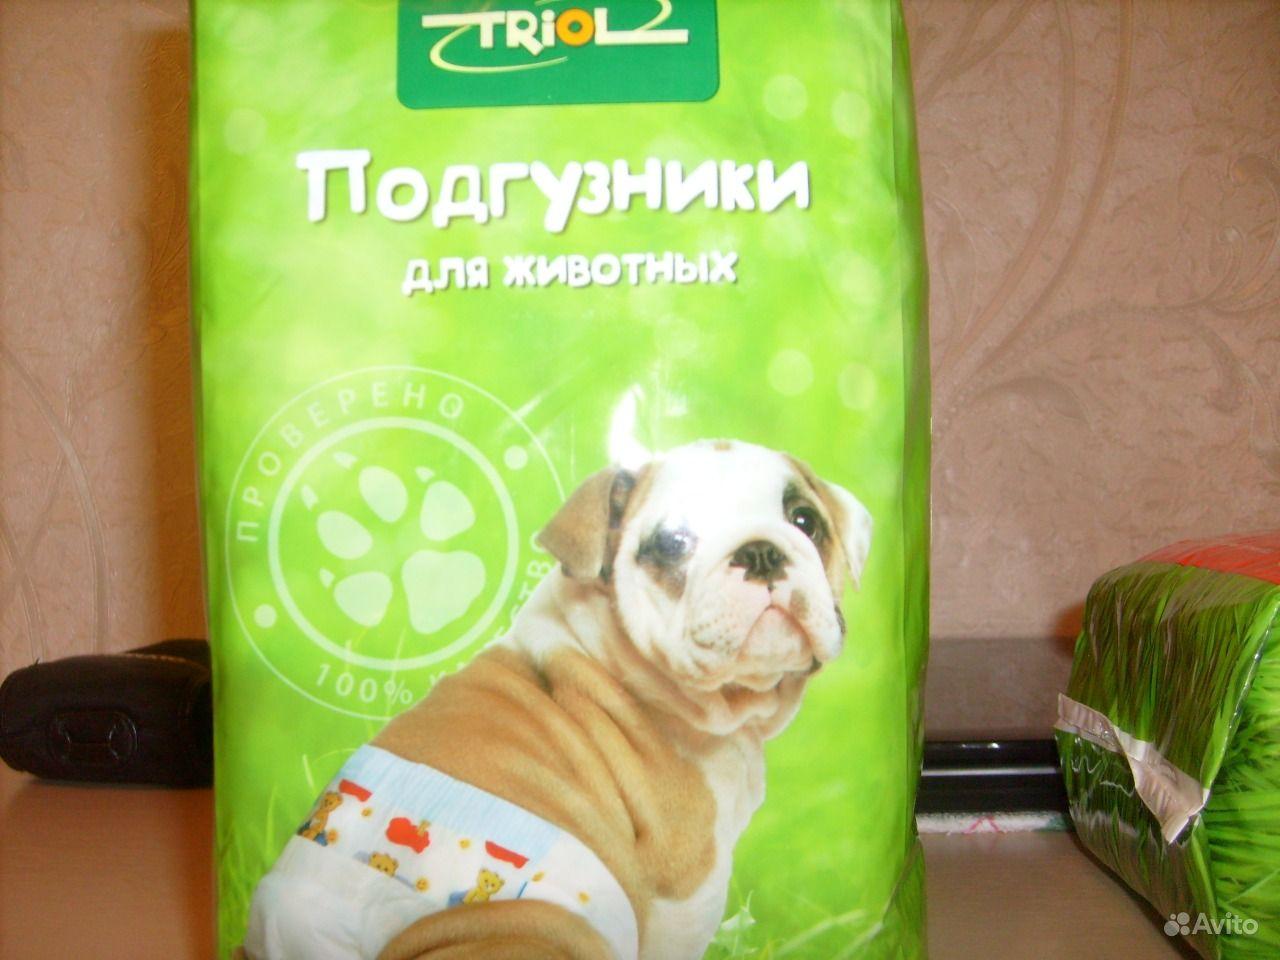 Памперсы для собаки. Республика Коми,  Сыктывкар